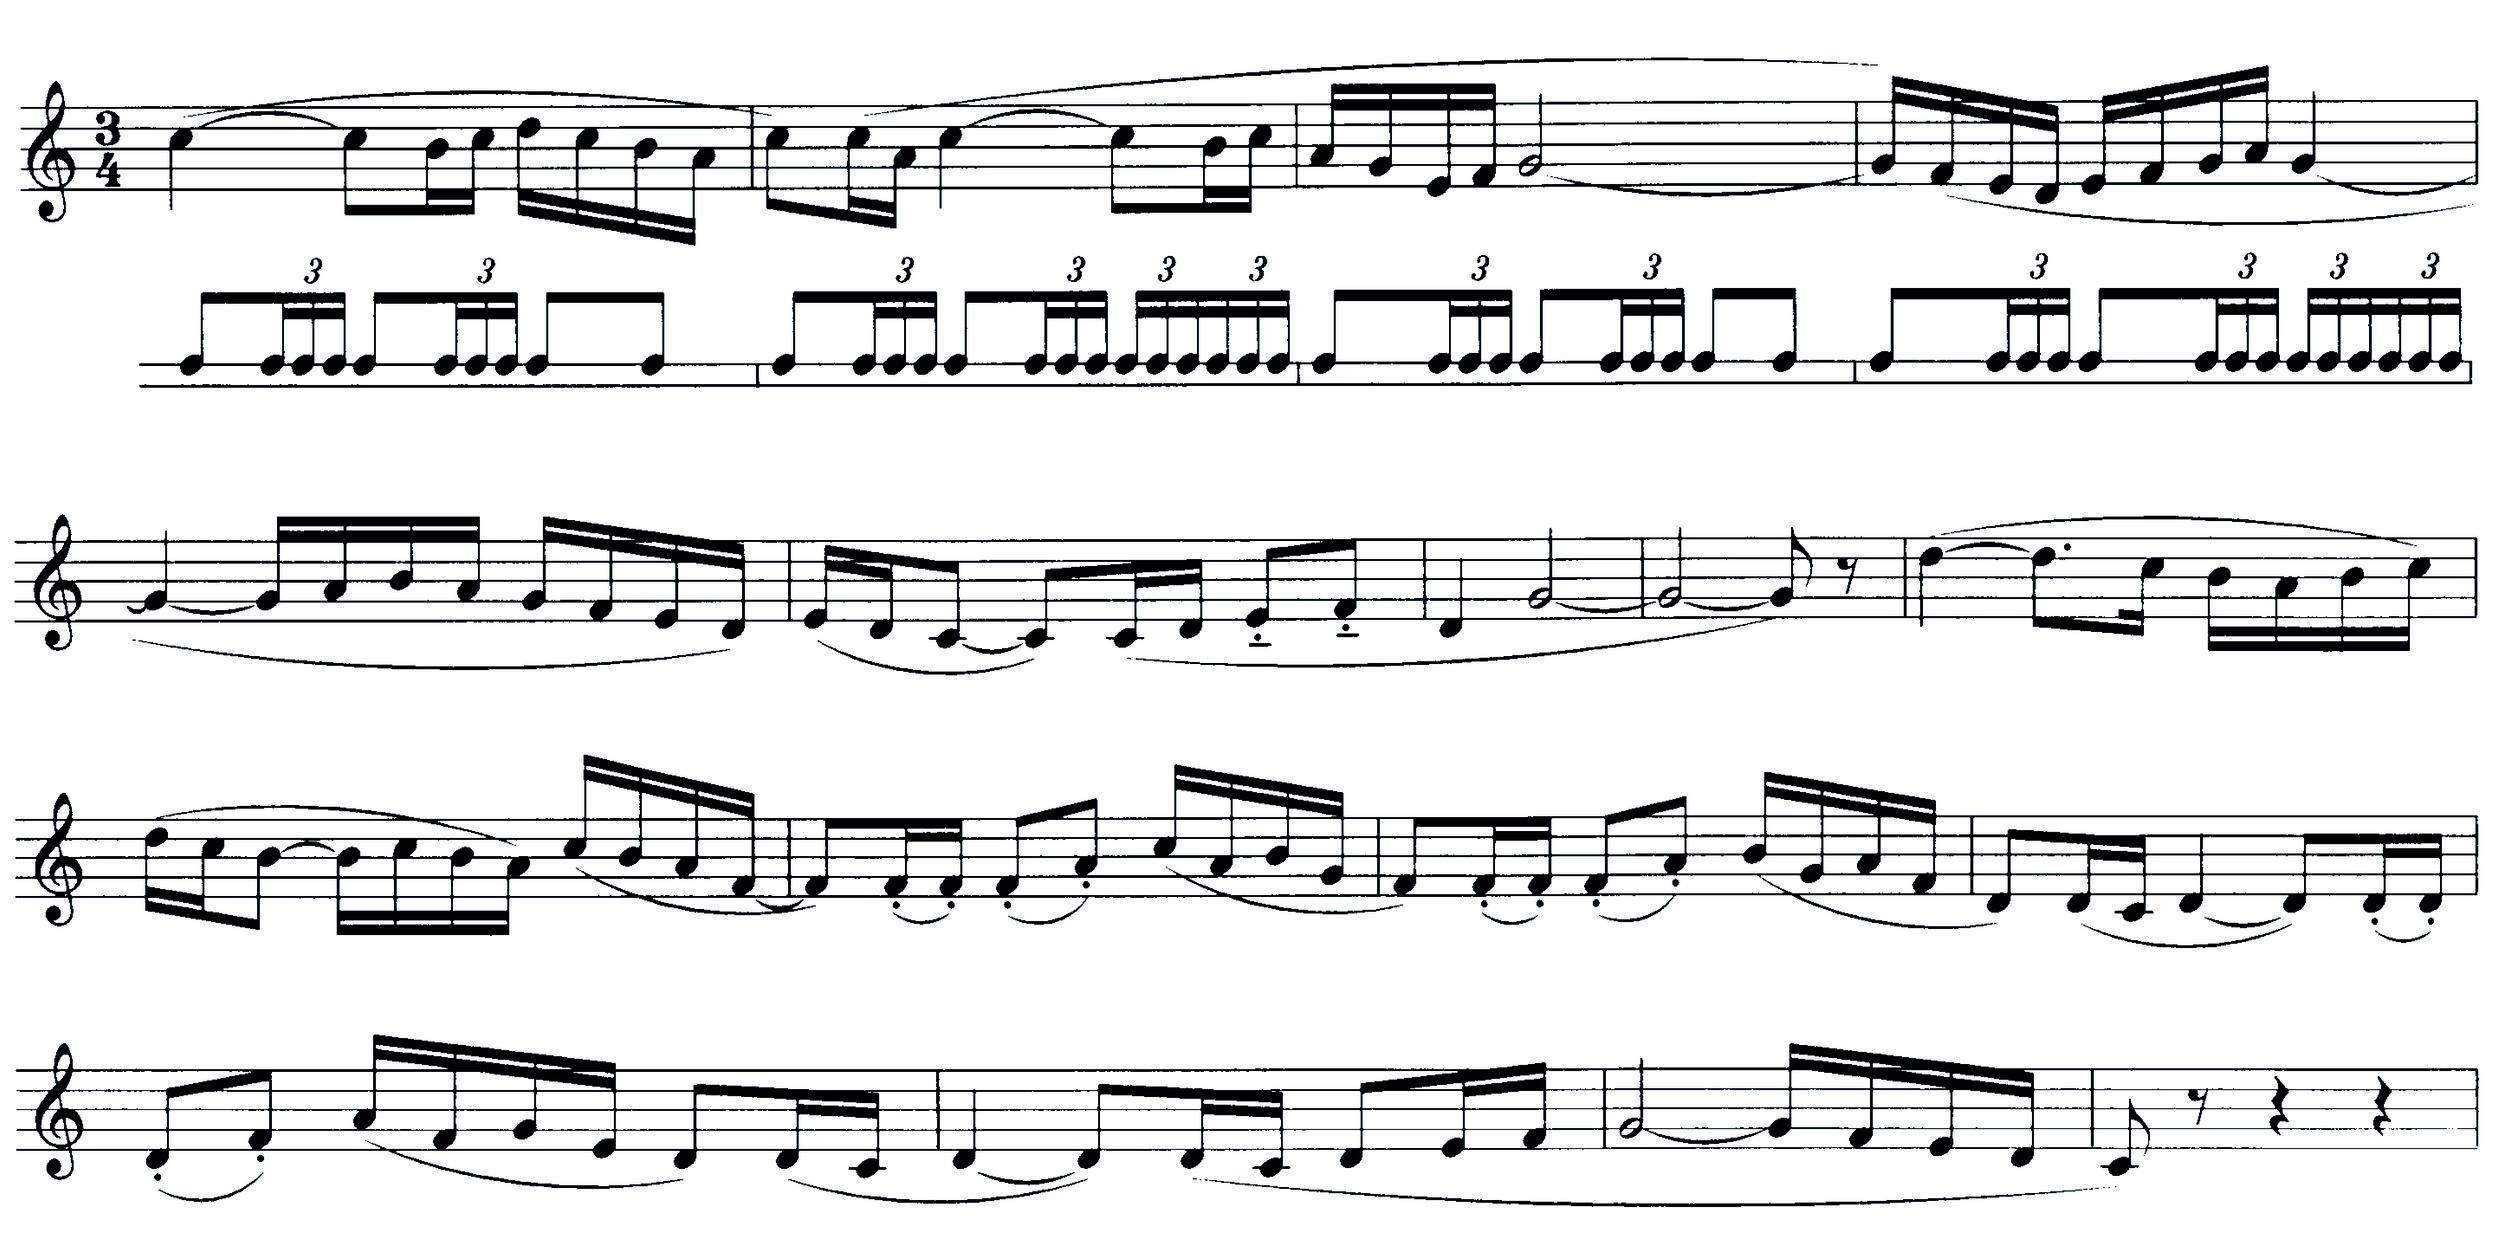 Abbildung 1: Die erste Melodie des Boléro (A)